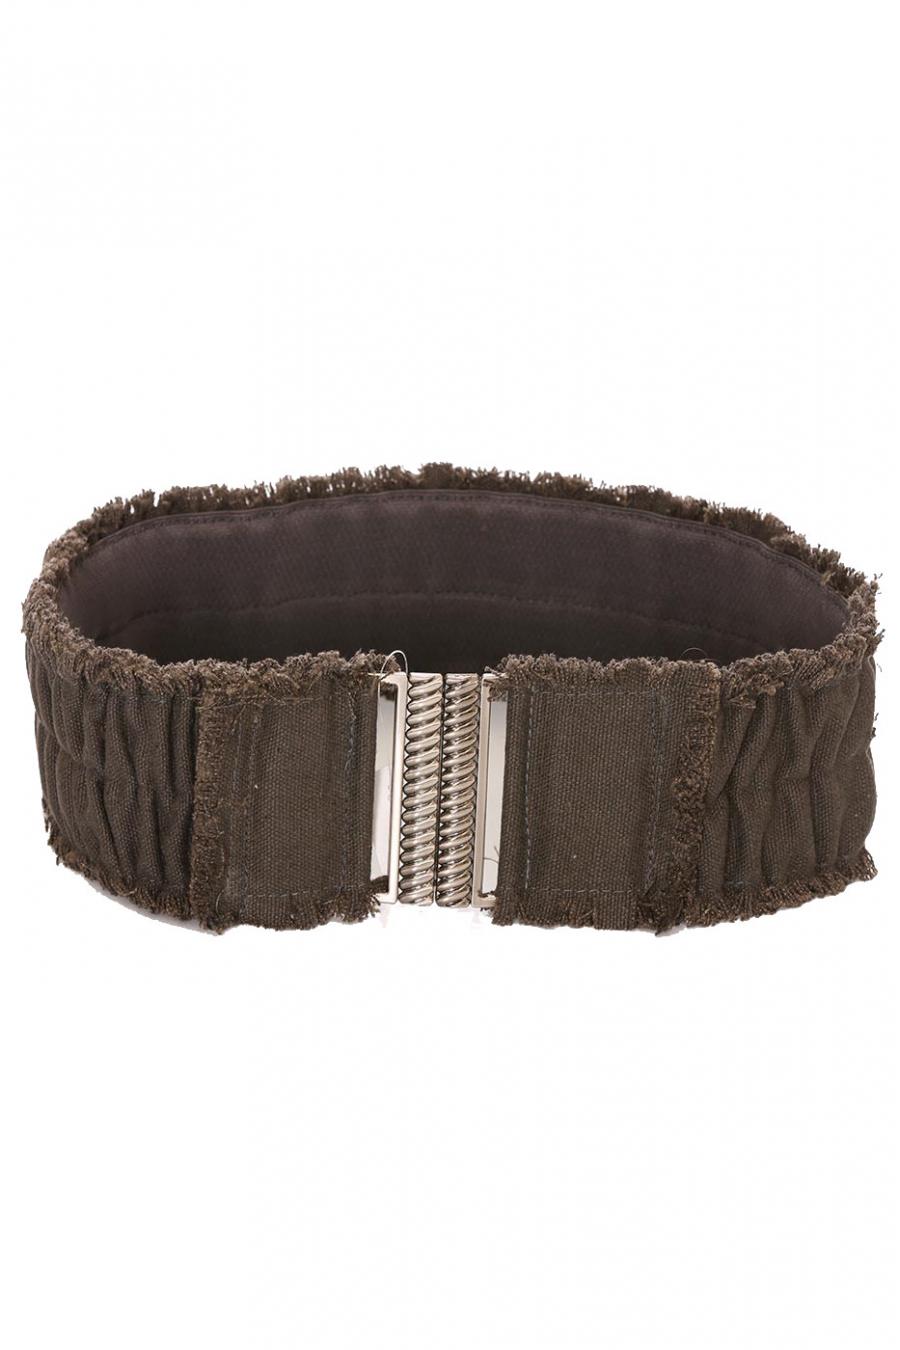 Wide anthracite belt, clip fastening. SG-0908